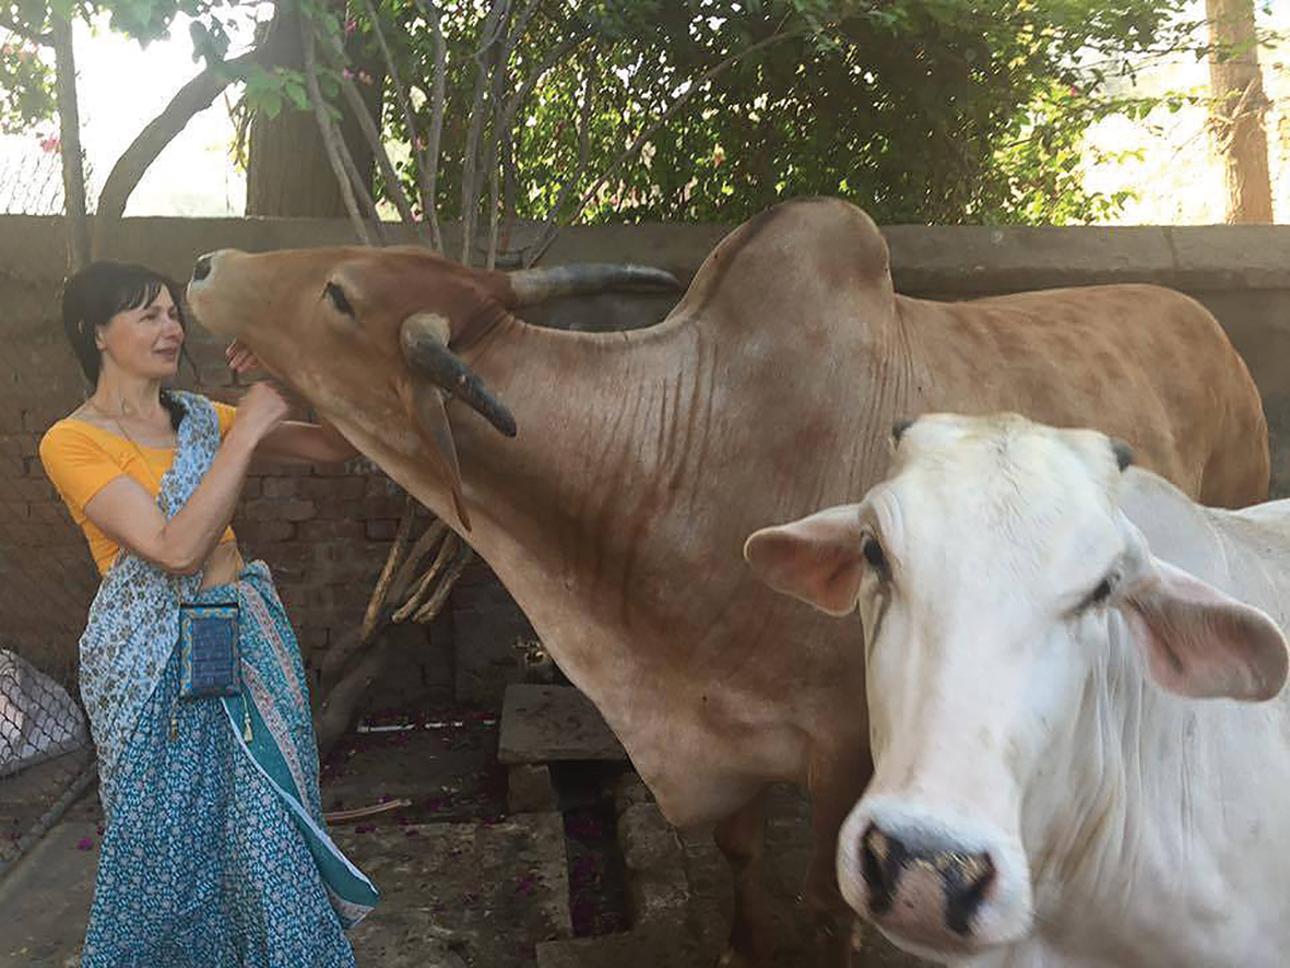 Karvės Indijoje laikomos šventomis, yra sergimos bei vertinamos, todėl mielai bendrauja su žmonėmis. Asmeninio archyvo nuotr.